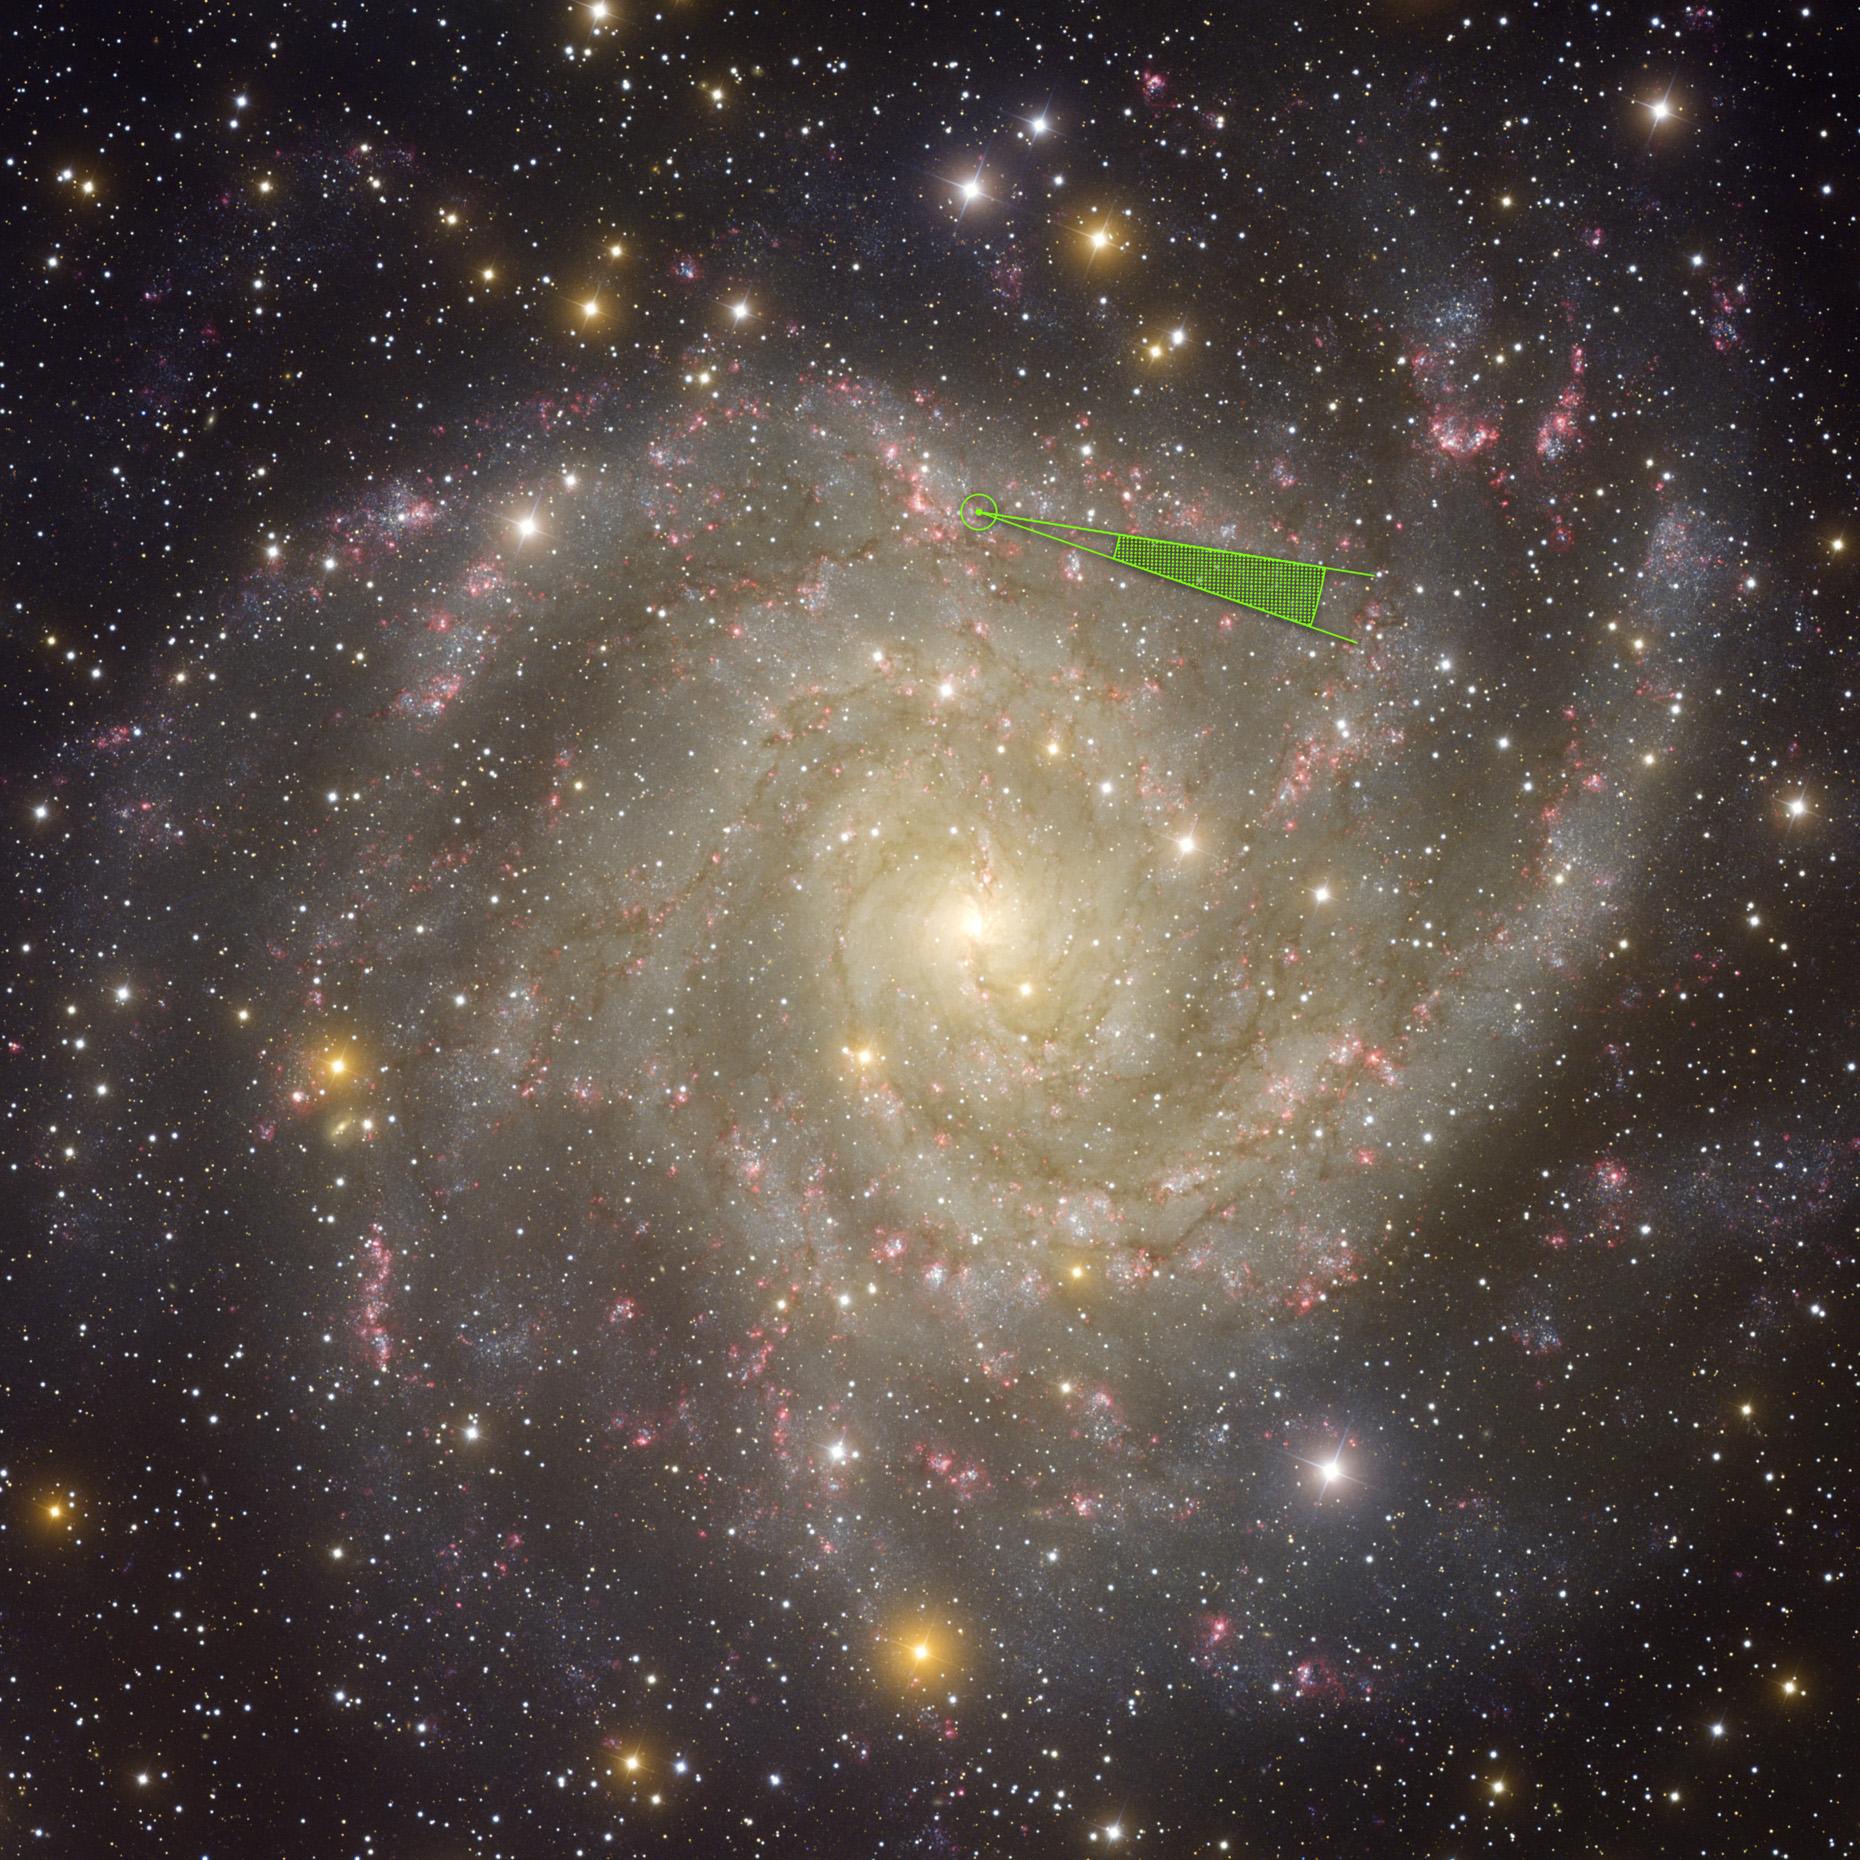 KeplerFOV